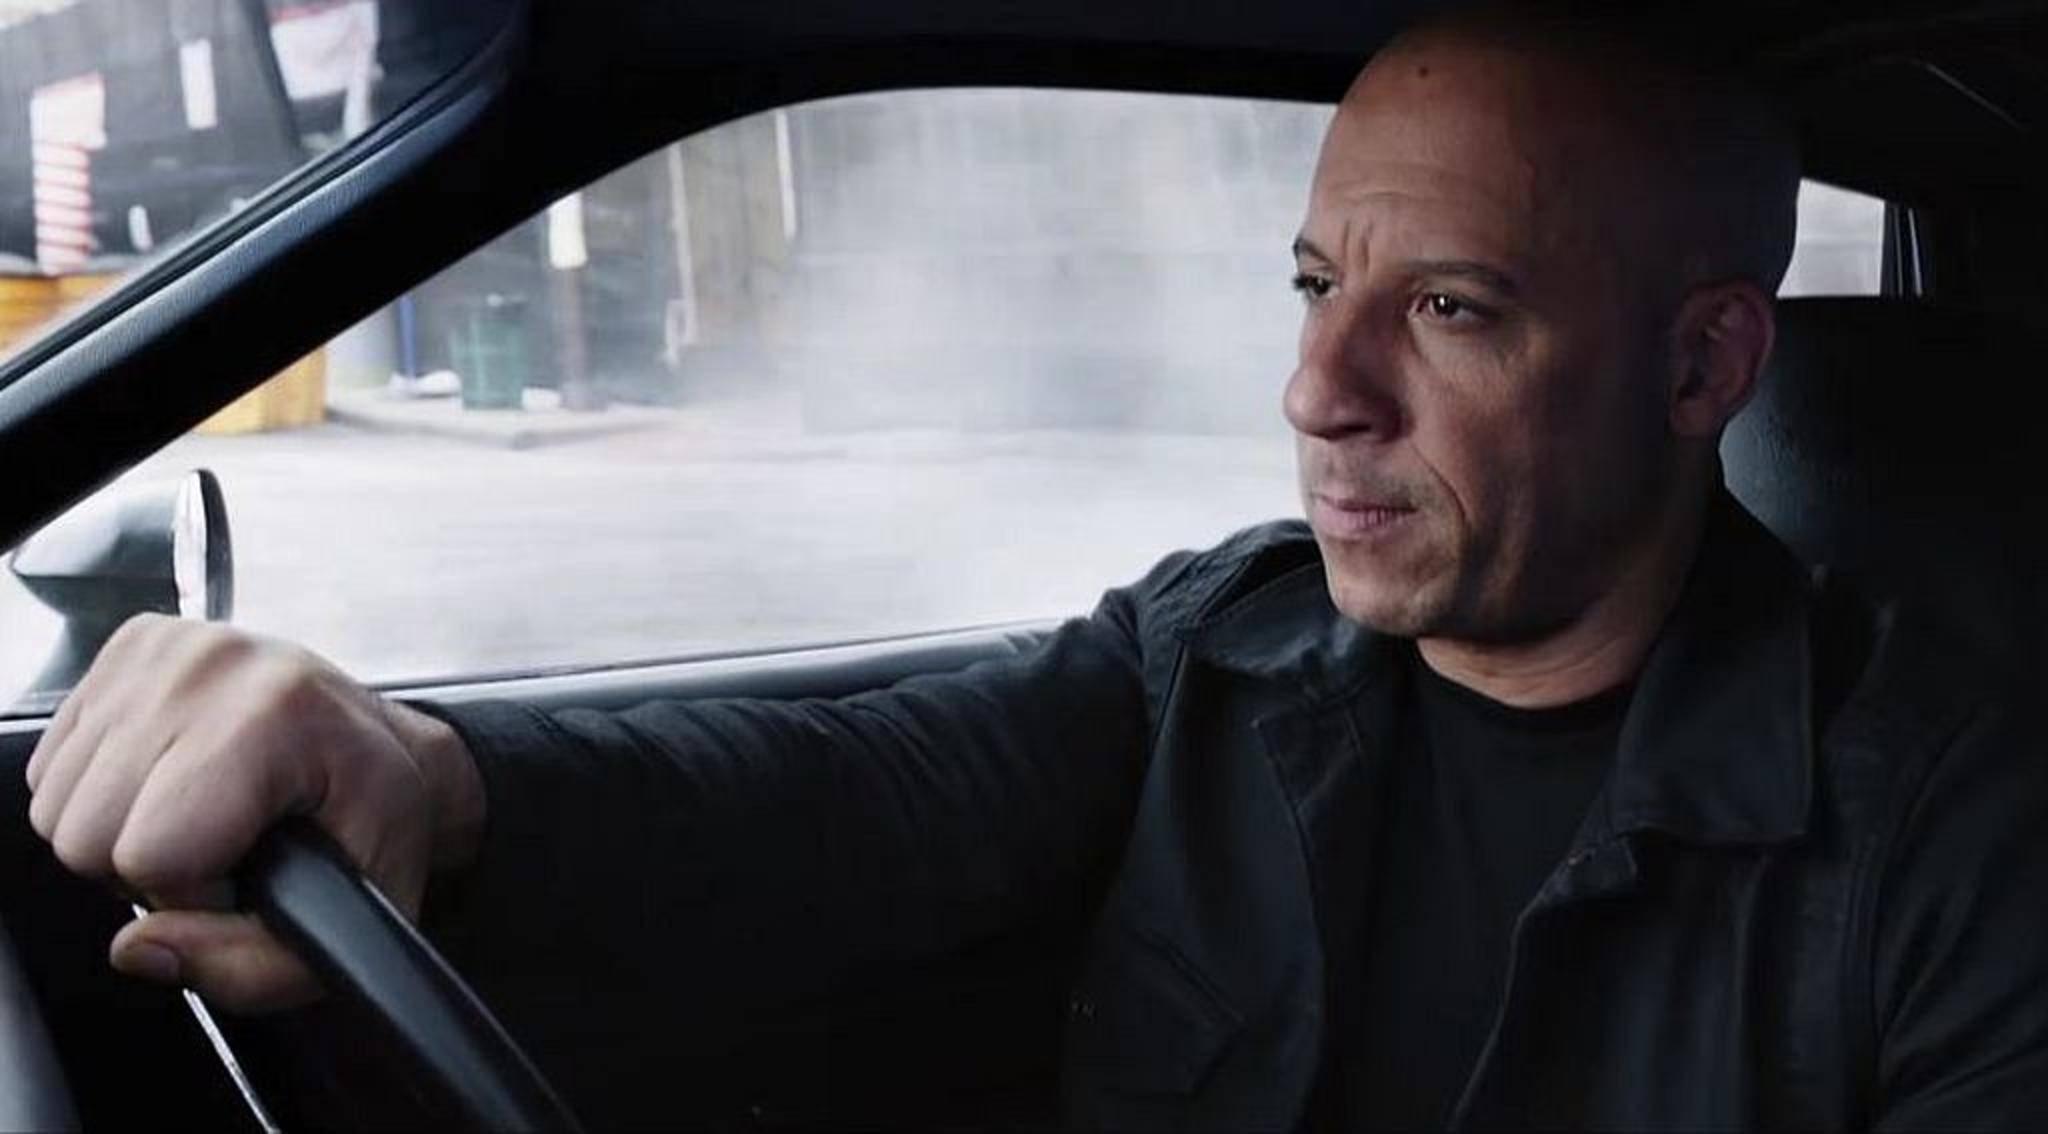 """Wechselt Dom (Vind Diesel) in """"Fast and Furious 8"""" wieder die Seiten?"""